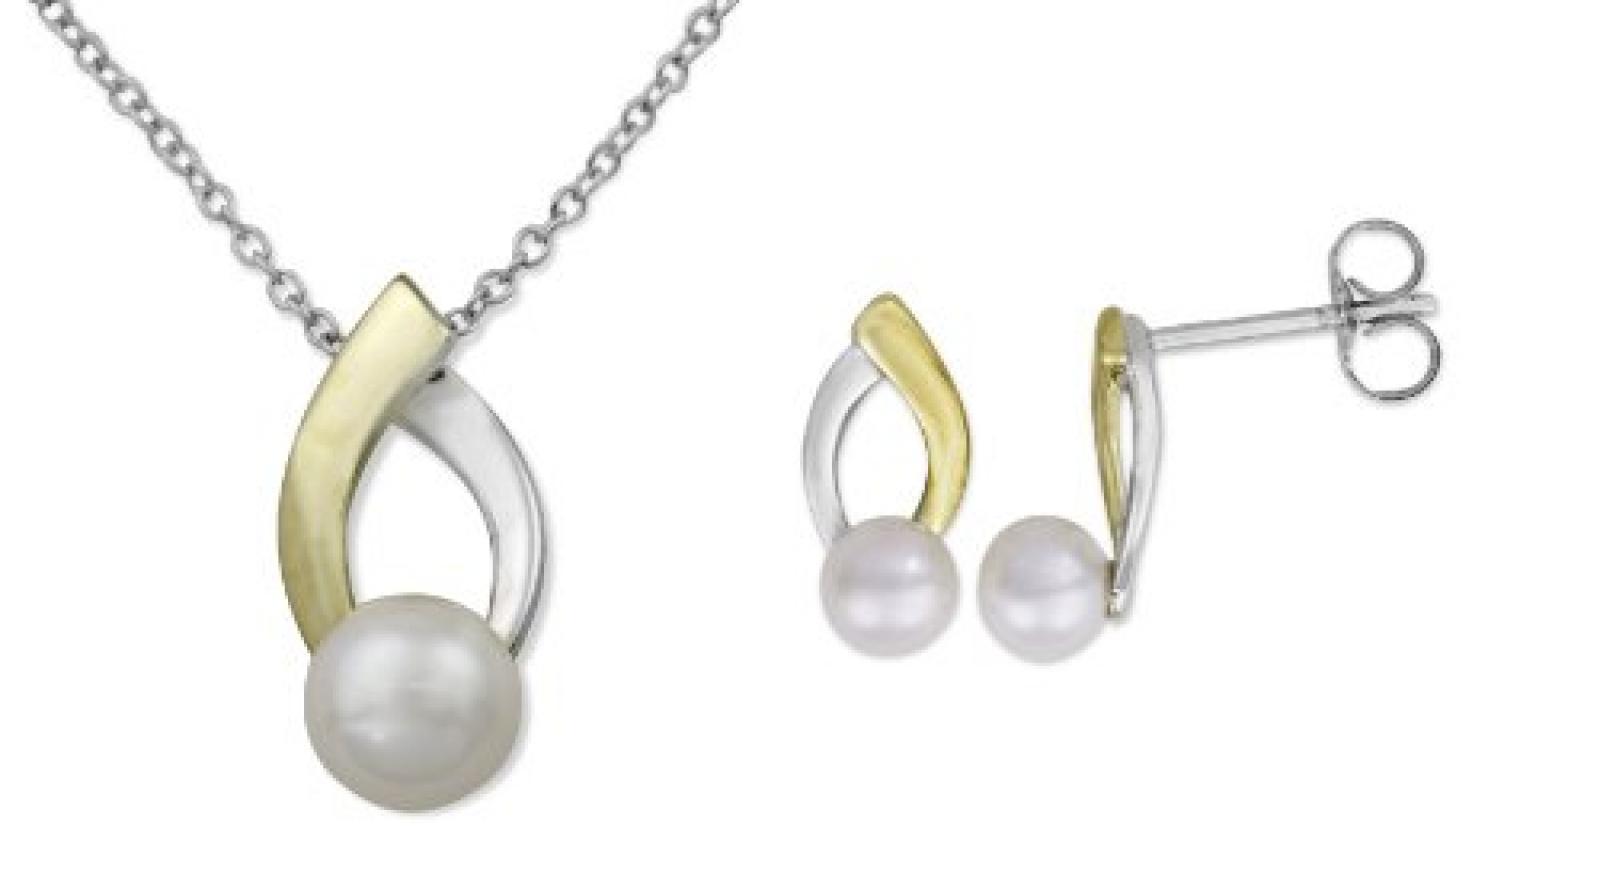 MIORE Damen-SchmuckSet Ohrringe und Anhänger 9 Karat (375) Bicolor Süßwasser-Zuchtperlen USP025WY